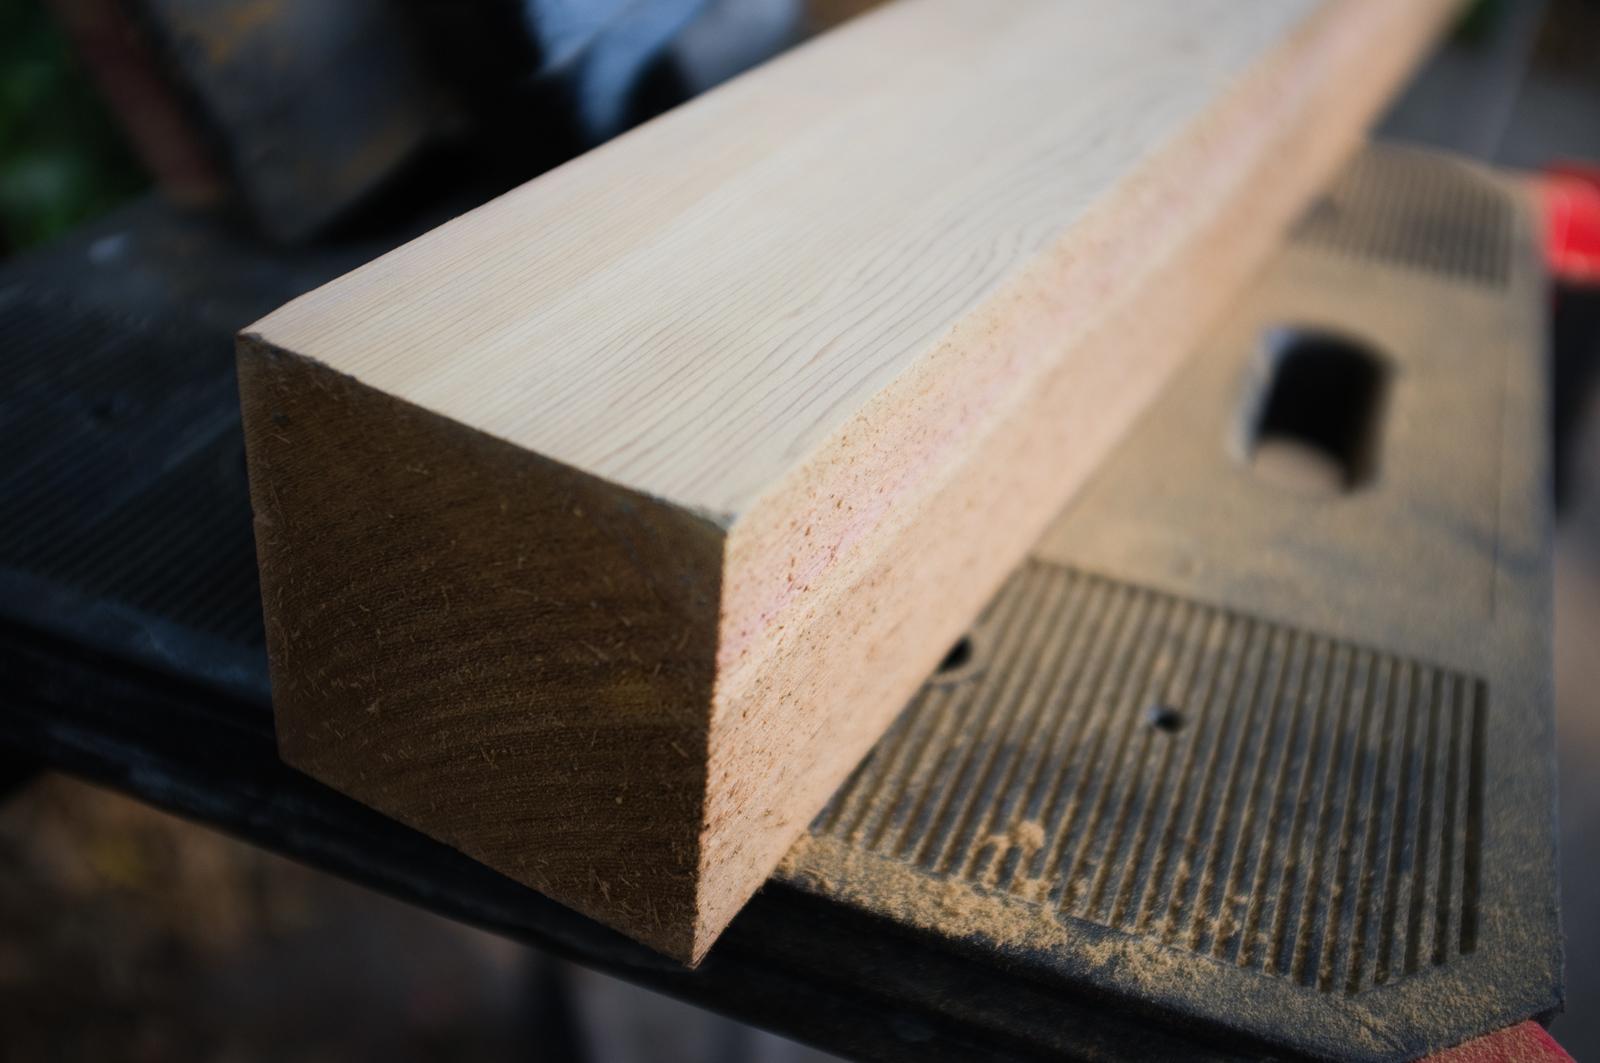 4x4-inch cedar post